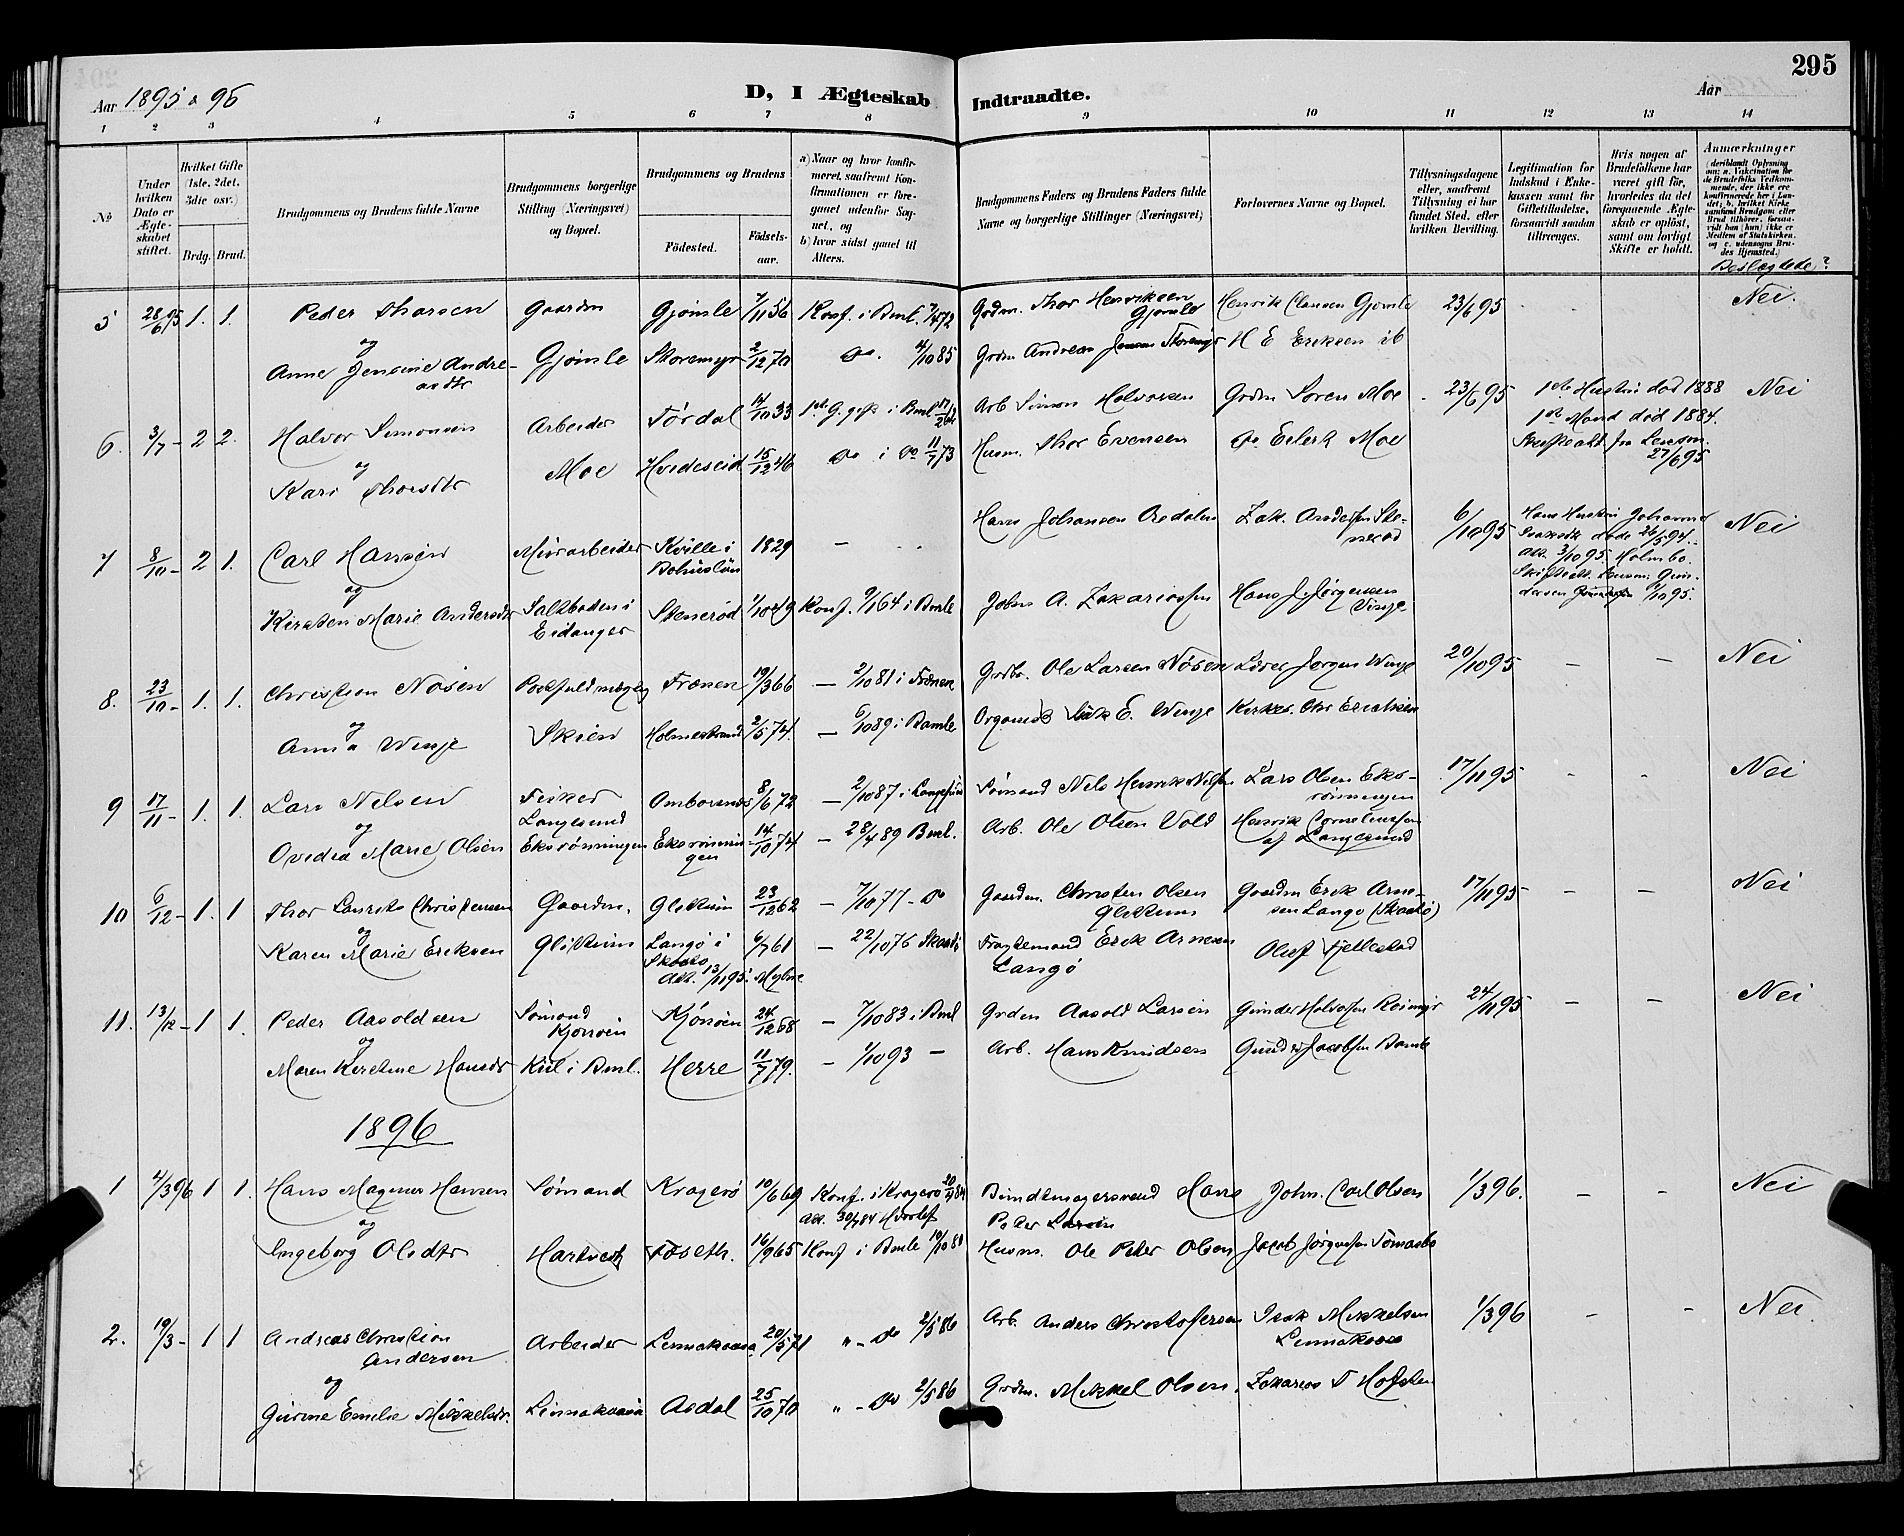 SAKO, Bamble kirkebøker, G/Ga/L0009: Klokkerbok nr. I 9, 1888-1900, s. 295